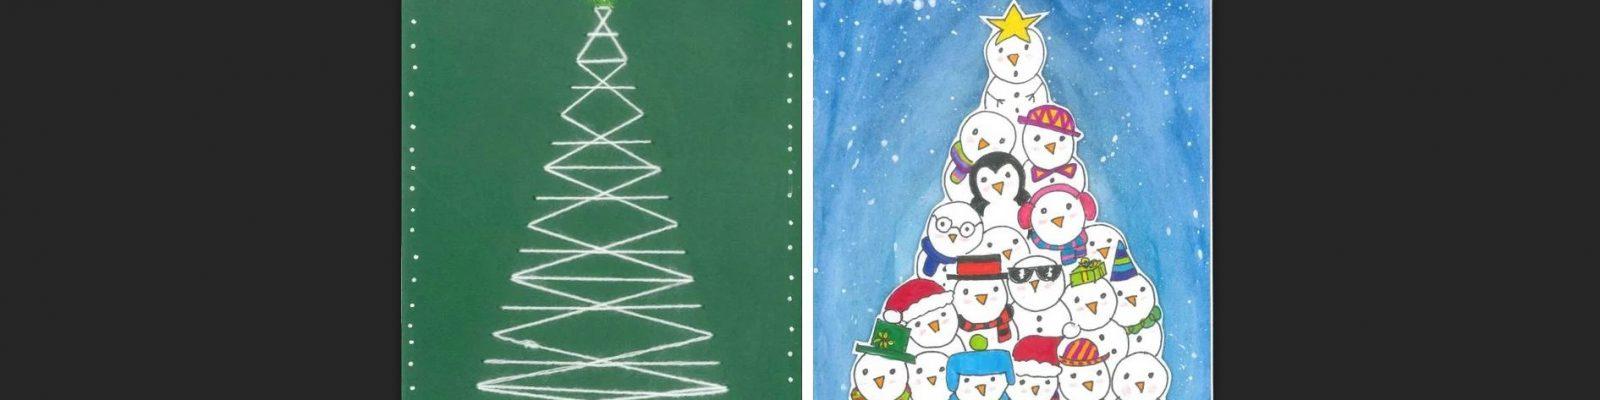 Concurso tarjetas de Navidad